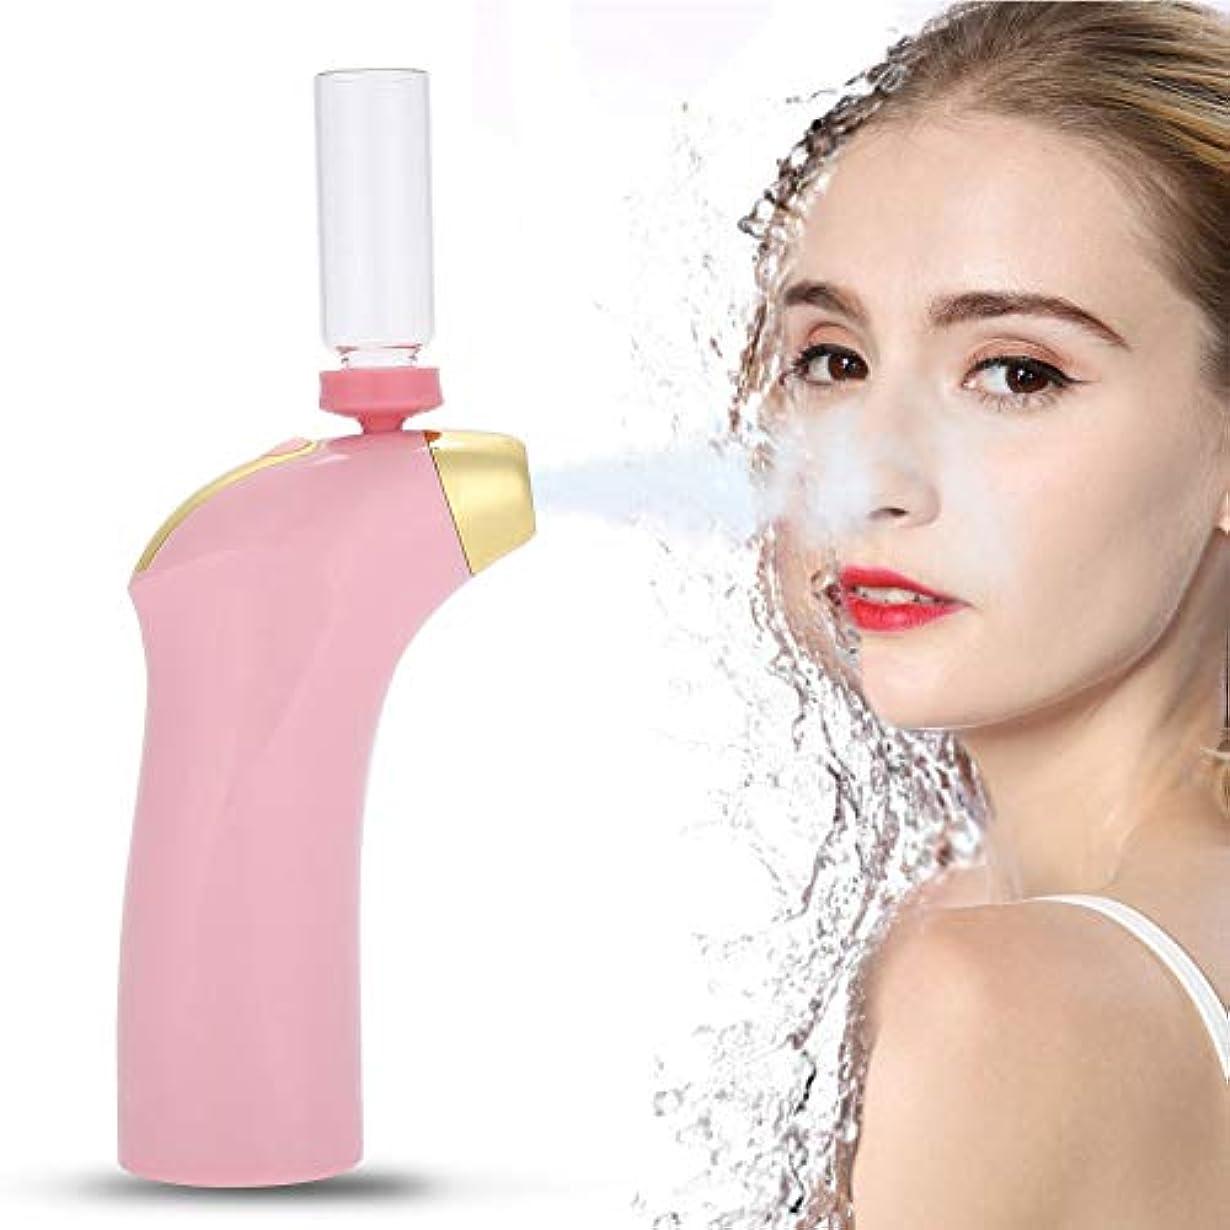 夏アルプス開発する専門の酸素の注入のスプレーガン - 顔の皮の若返りの美機械、顔の美の器械、引き締まる皮は、肌の色合い、色素形成を改善します